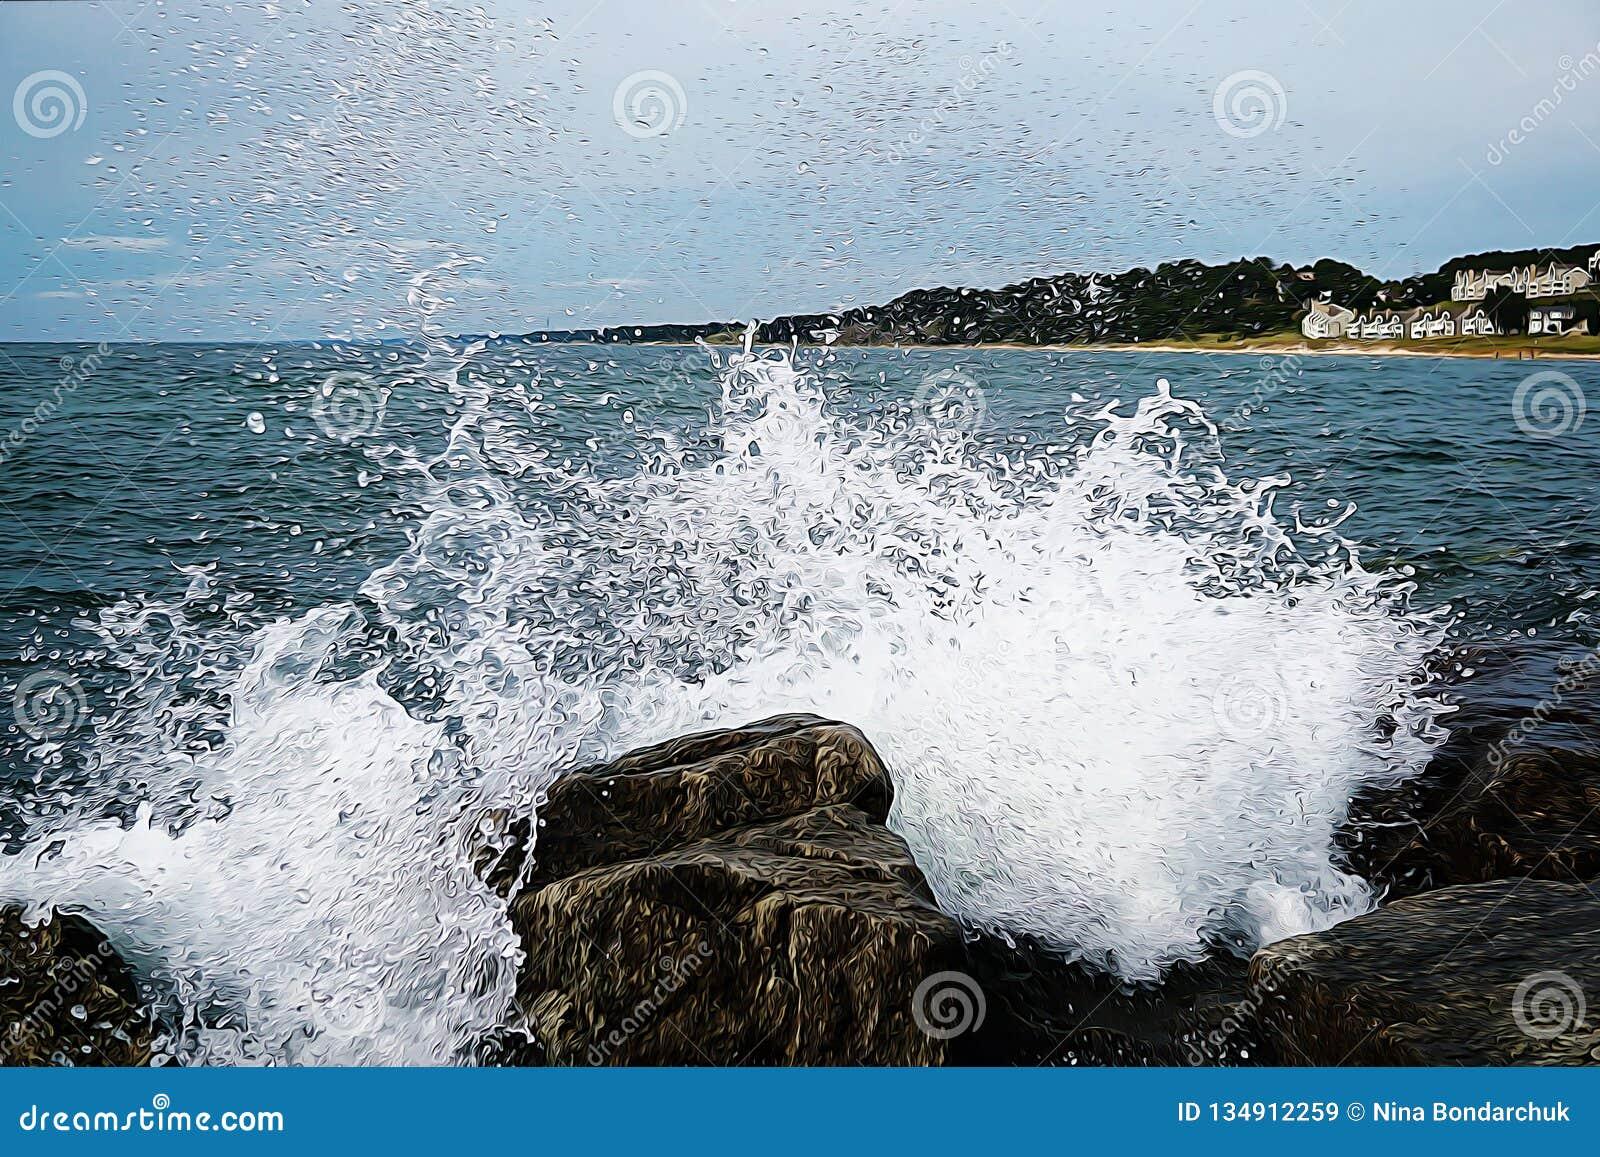 I colpi dell onda contro le pietre immagine della pittura a olio Nella collina del fondo con le casette e gli alberi